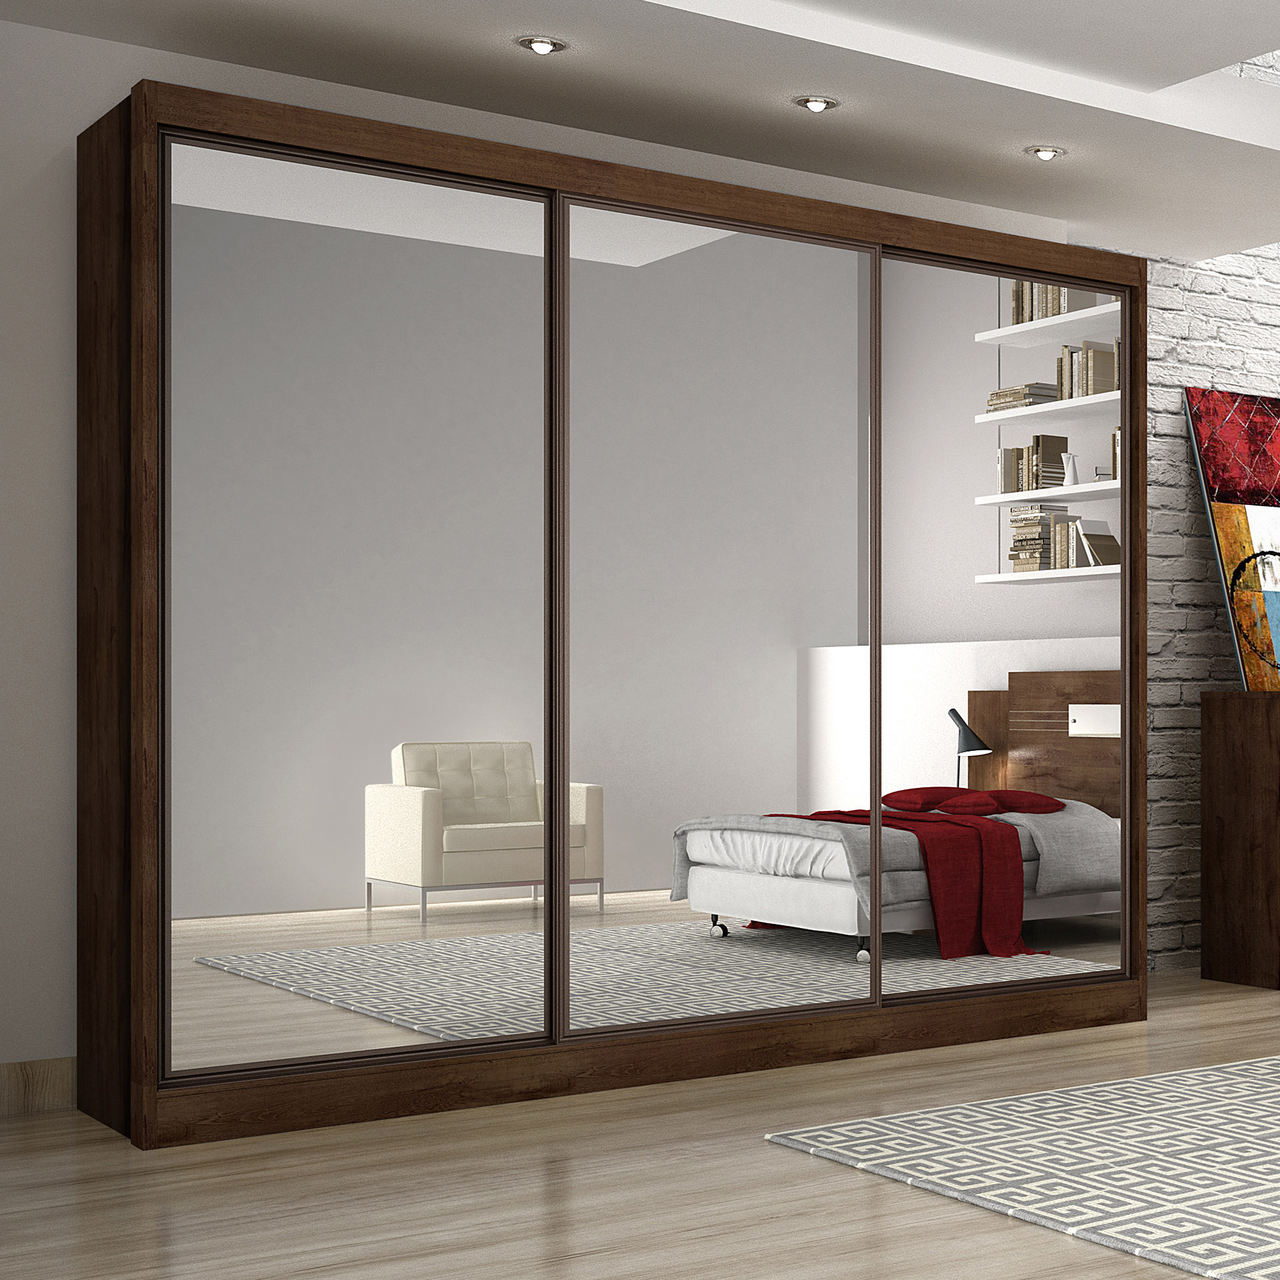 Guarda Roupa Casal com Espelhos, 3 Portas e 6 Gavetas Alfeu Gold Novo Horizonte